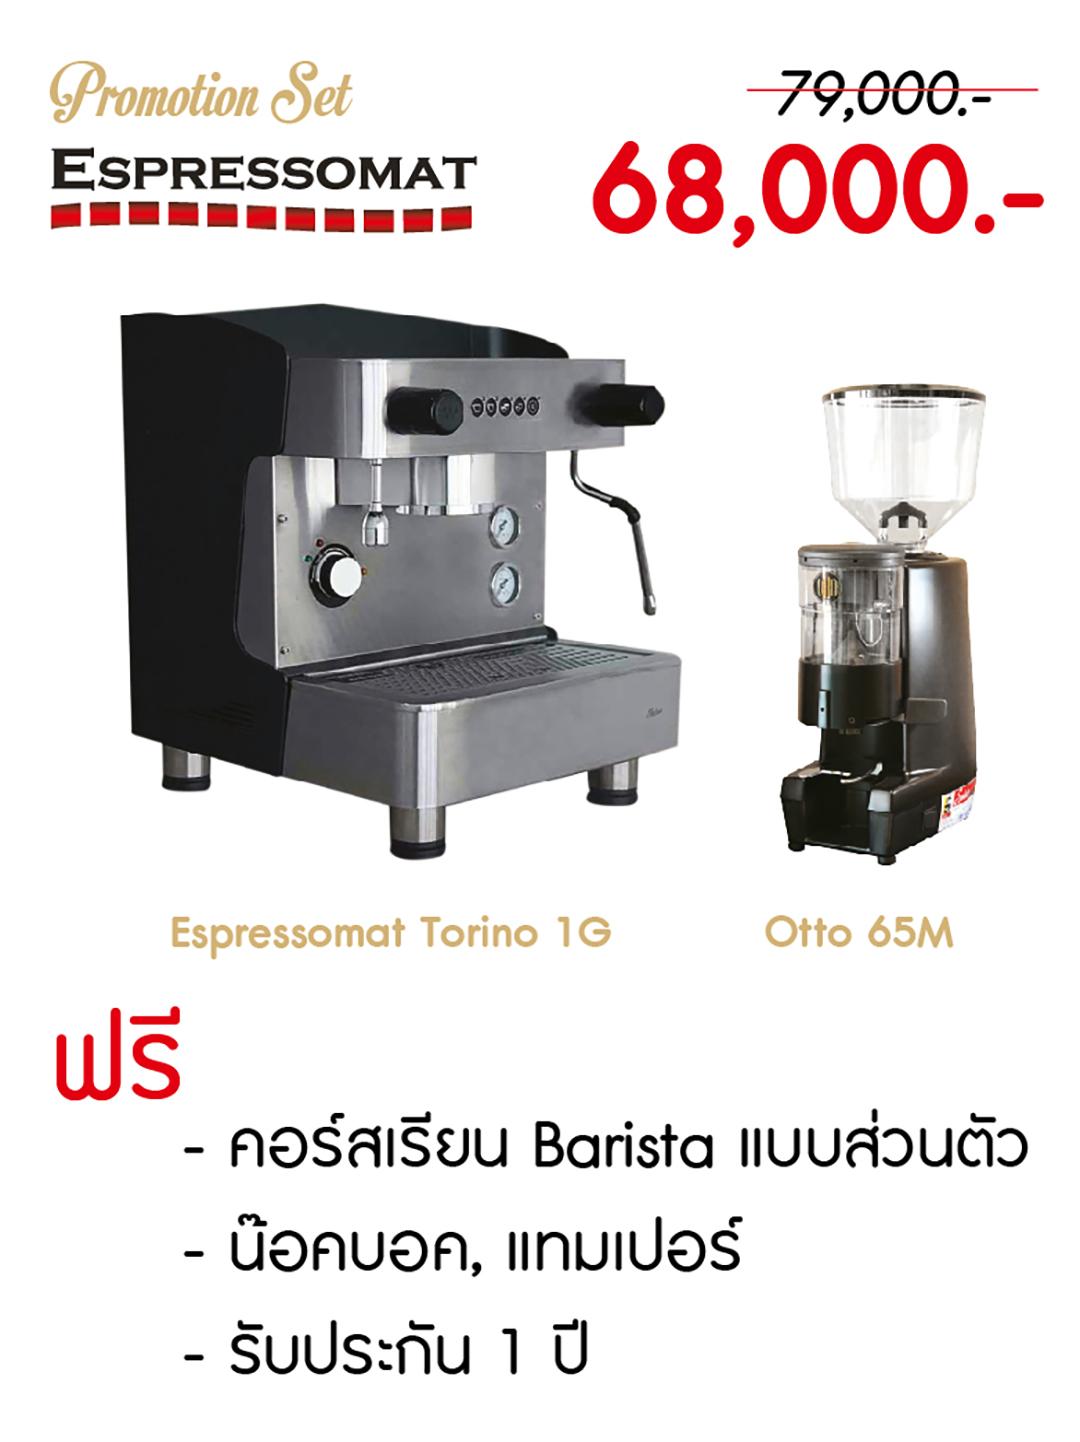 โปรโมชั่นเครื่องชงกาแฟTorino1G นำเข้าจัดจำหน่ายเครื่องชงกาแฟเครื่องคั่ว เครื่องบดกาแฟ สอนชงกาแฟ ซ่อมเครื่องชงกาแฟ อุปกรณ์สำหรับเปิดร้านกาแฟ รับจ้างโปรเซสกาแฟและคั่วกาแฟ